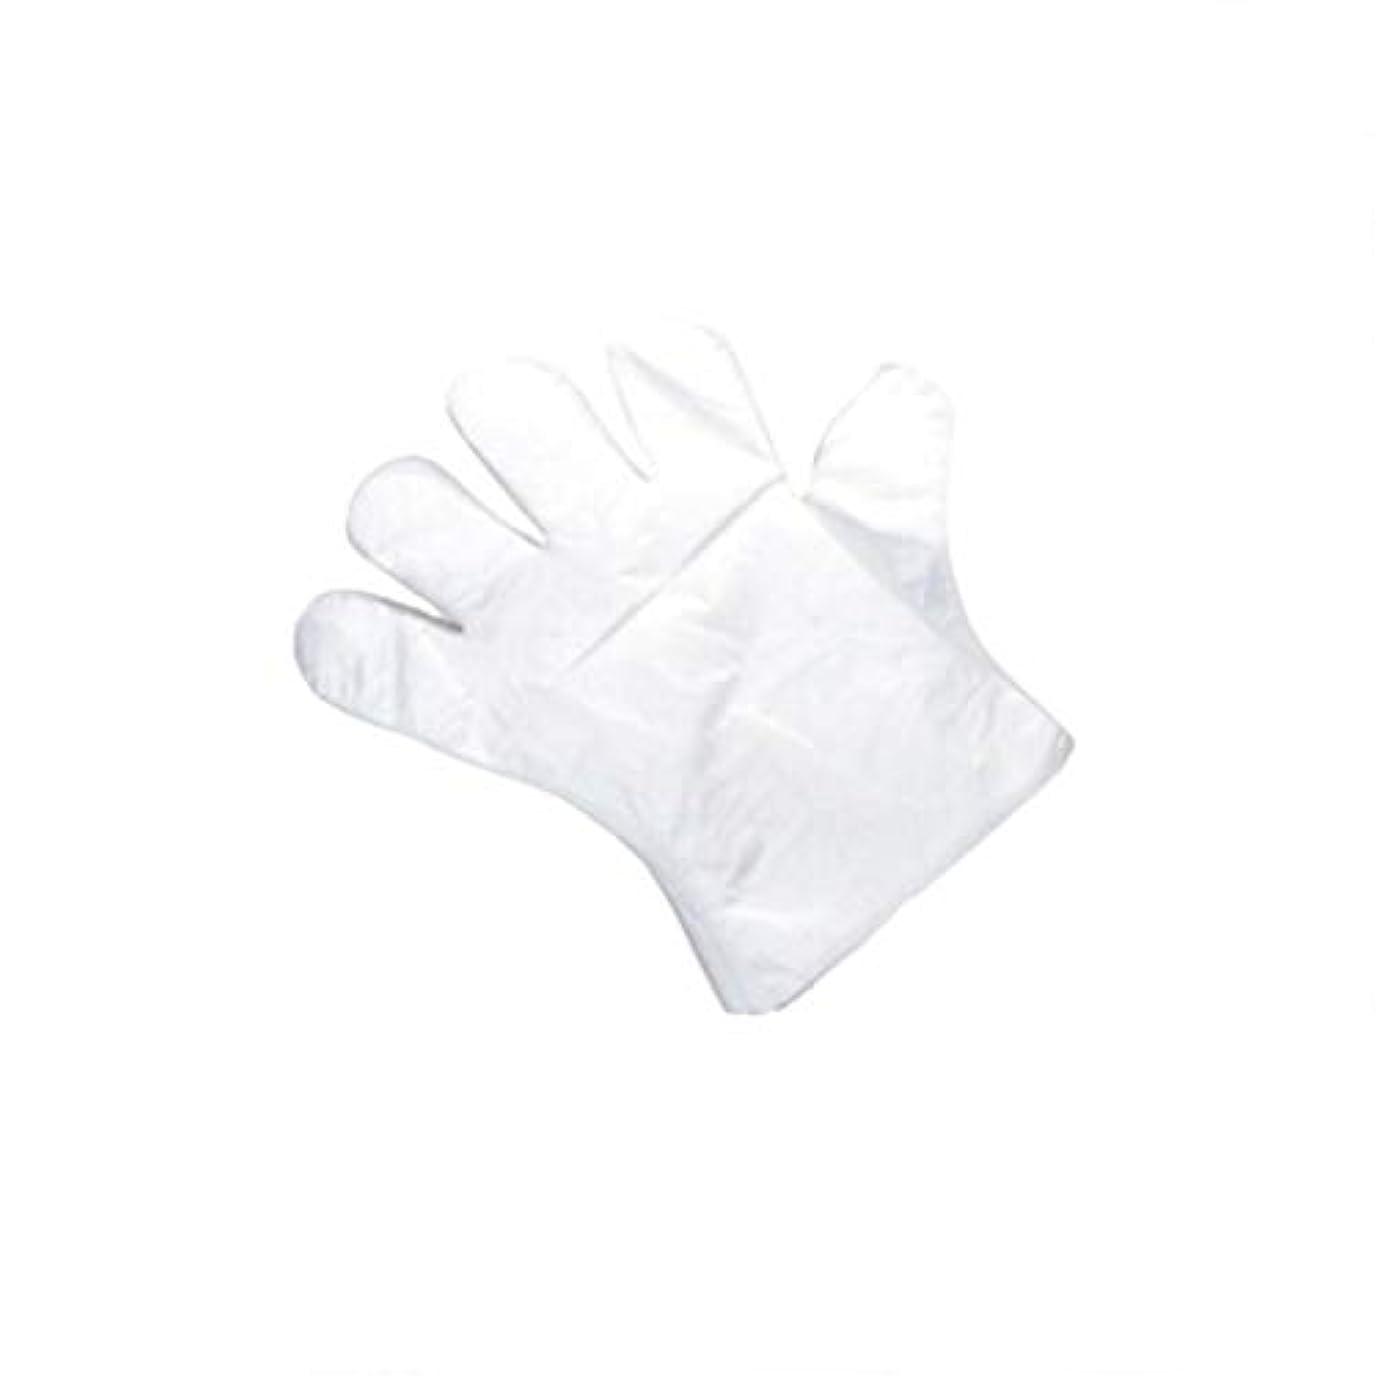 ジャズ消費者流す手袋、使い捨て手袋、肥厚、抽出手袋、テーブル、ピクニック、100スーツ。